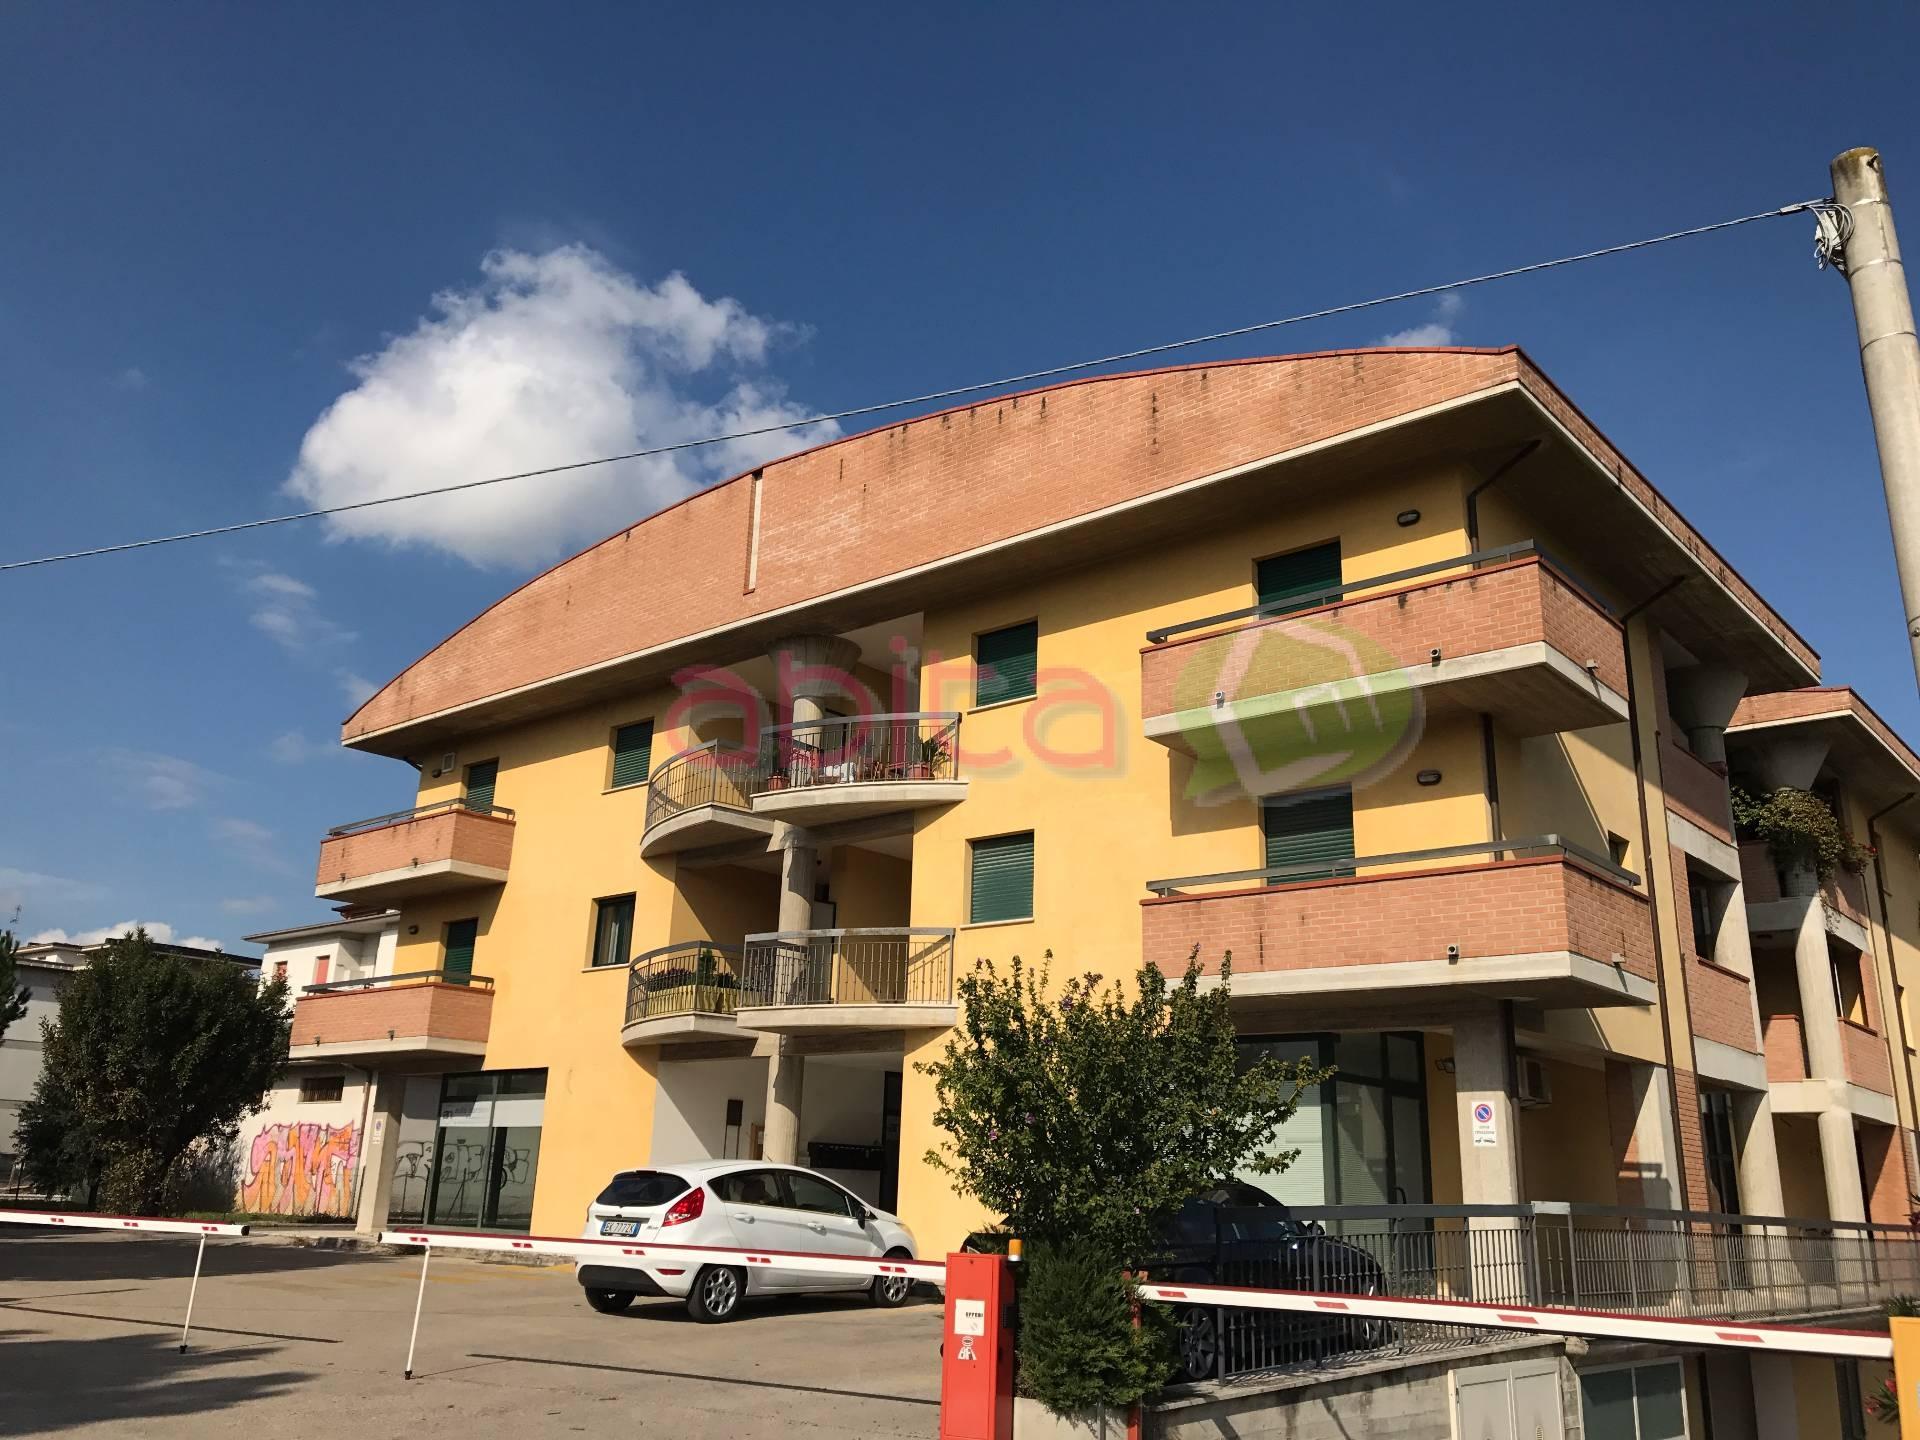 Appartamento in vendita a Spinetoli, 4 locali, zona Località: PagliaredelTronto, prezzo € 150.000   CambioCasa.it